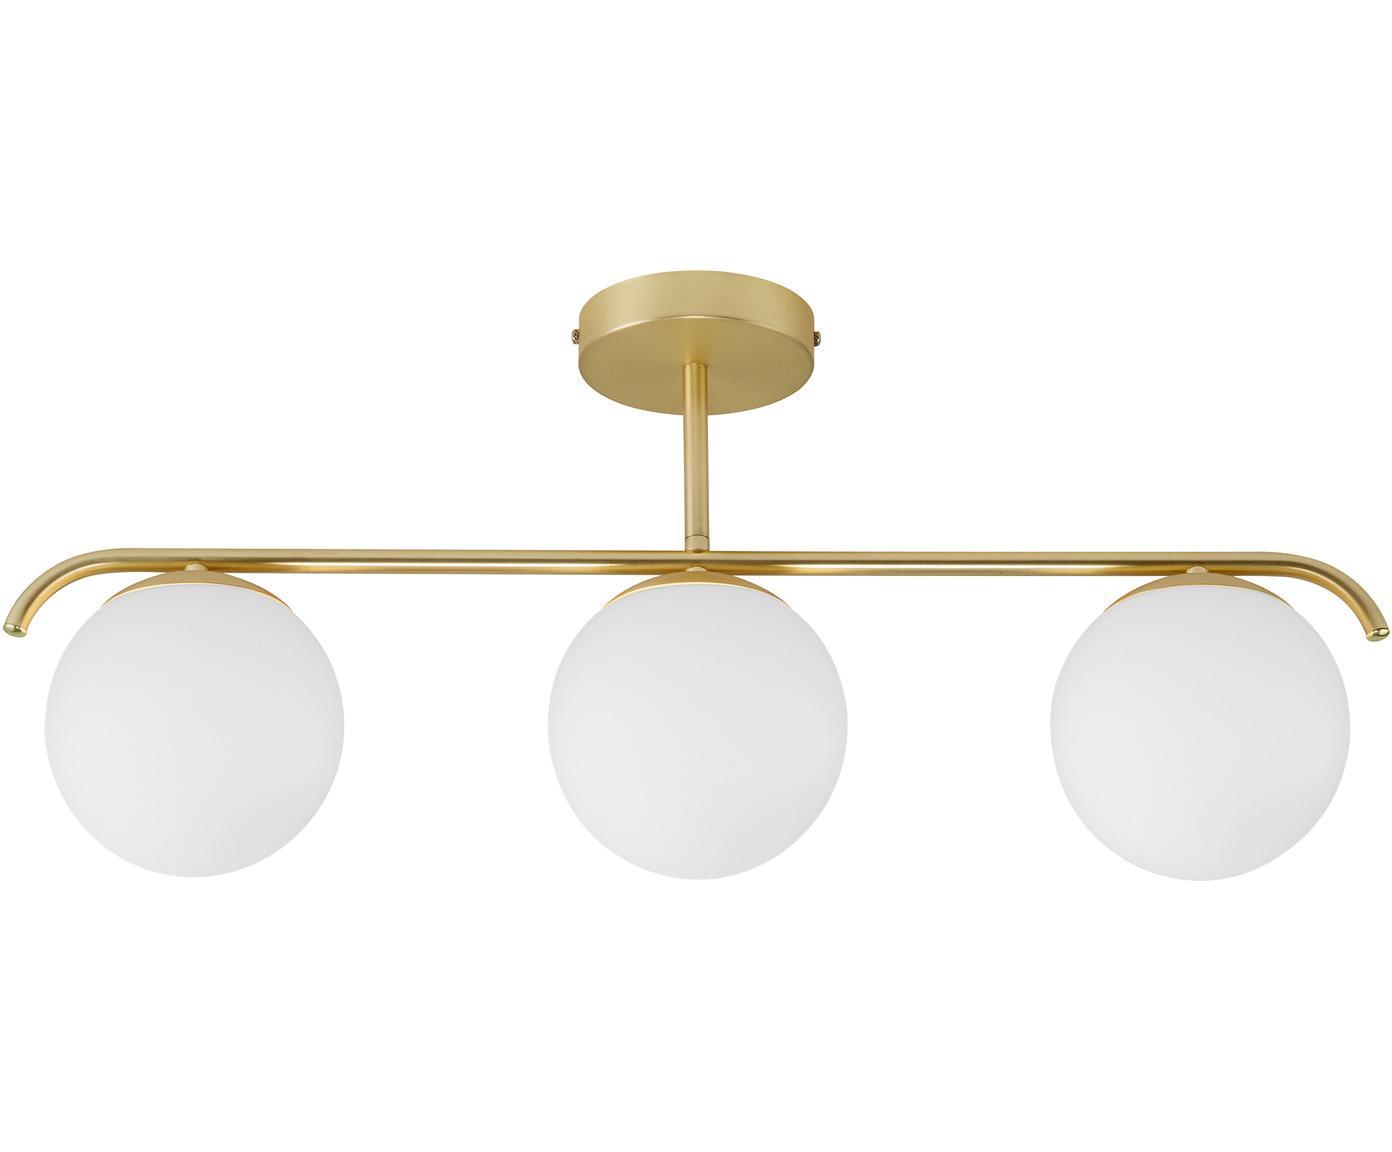 Deckenleuchte Grant aus Opalglas, Lampenschirm: Opalglas, Baldachin: Metall, beschichtet, Weiß, Messingfarben, 70 x 30 cm